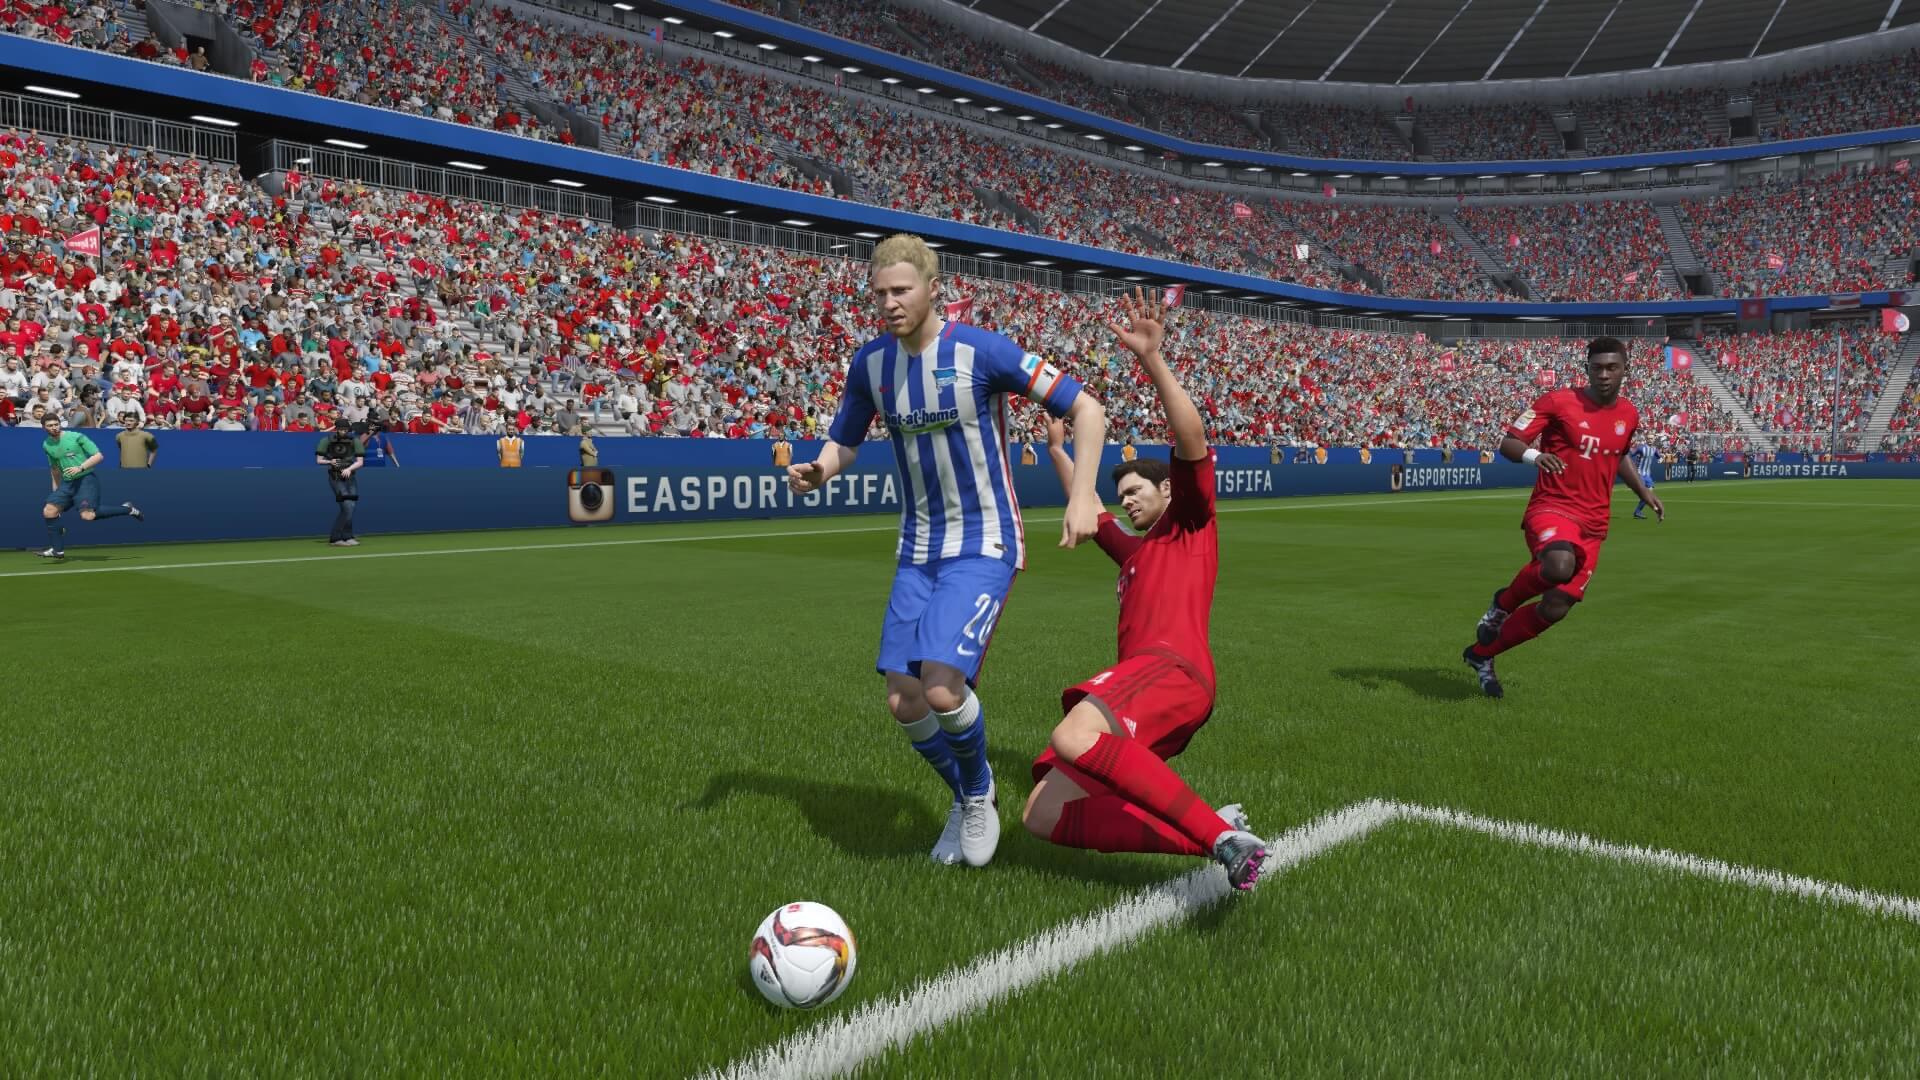 FIFA 16 Alonso Tackling